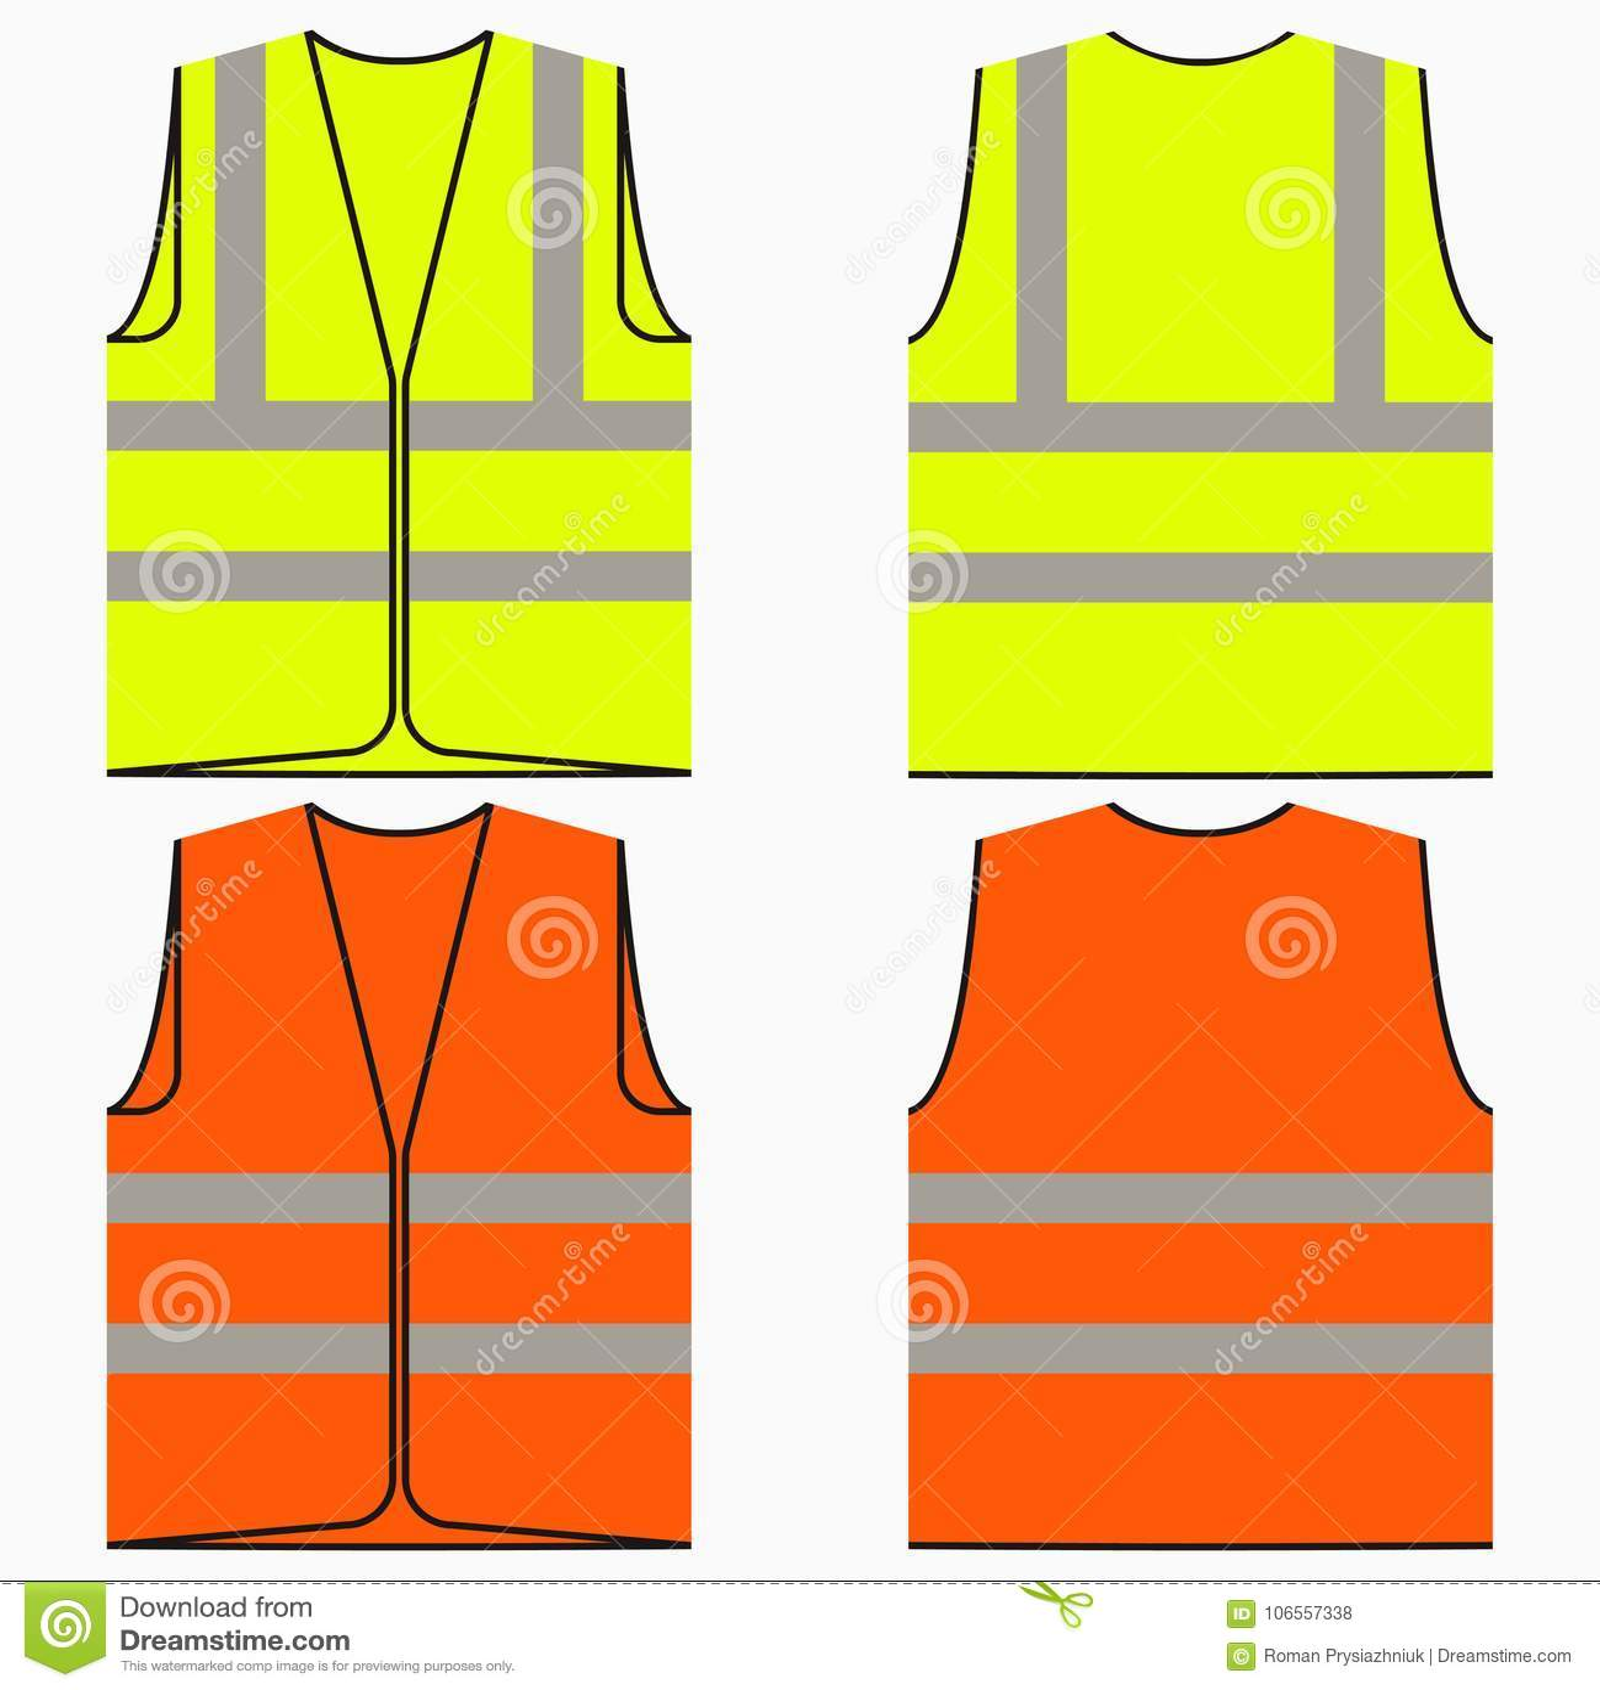 Grupo da veste da segurança de uniforme amarelo e alaranjado do trabalho com listras reflexivas Vetor